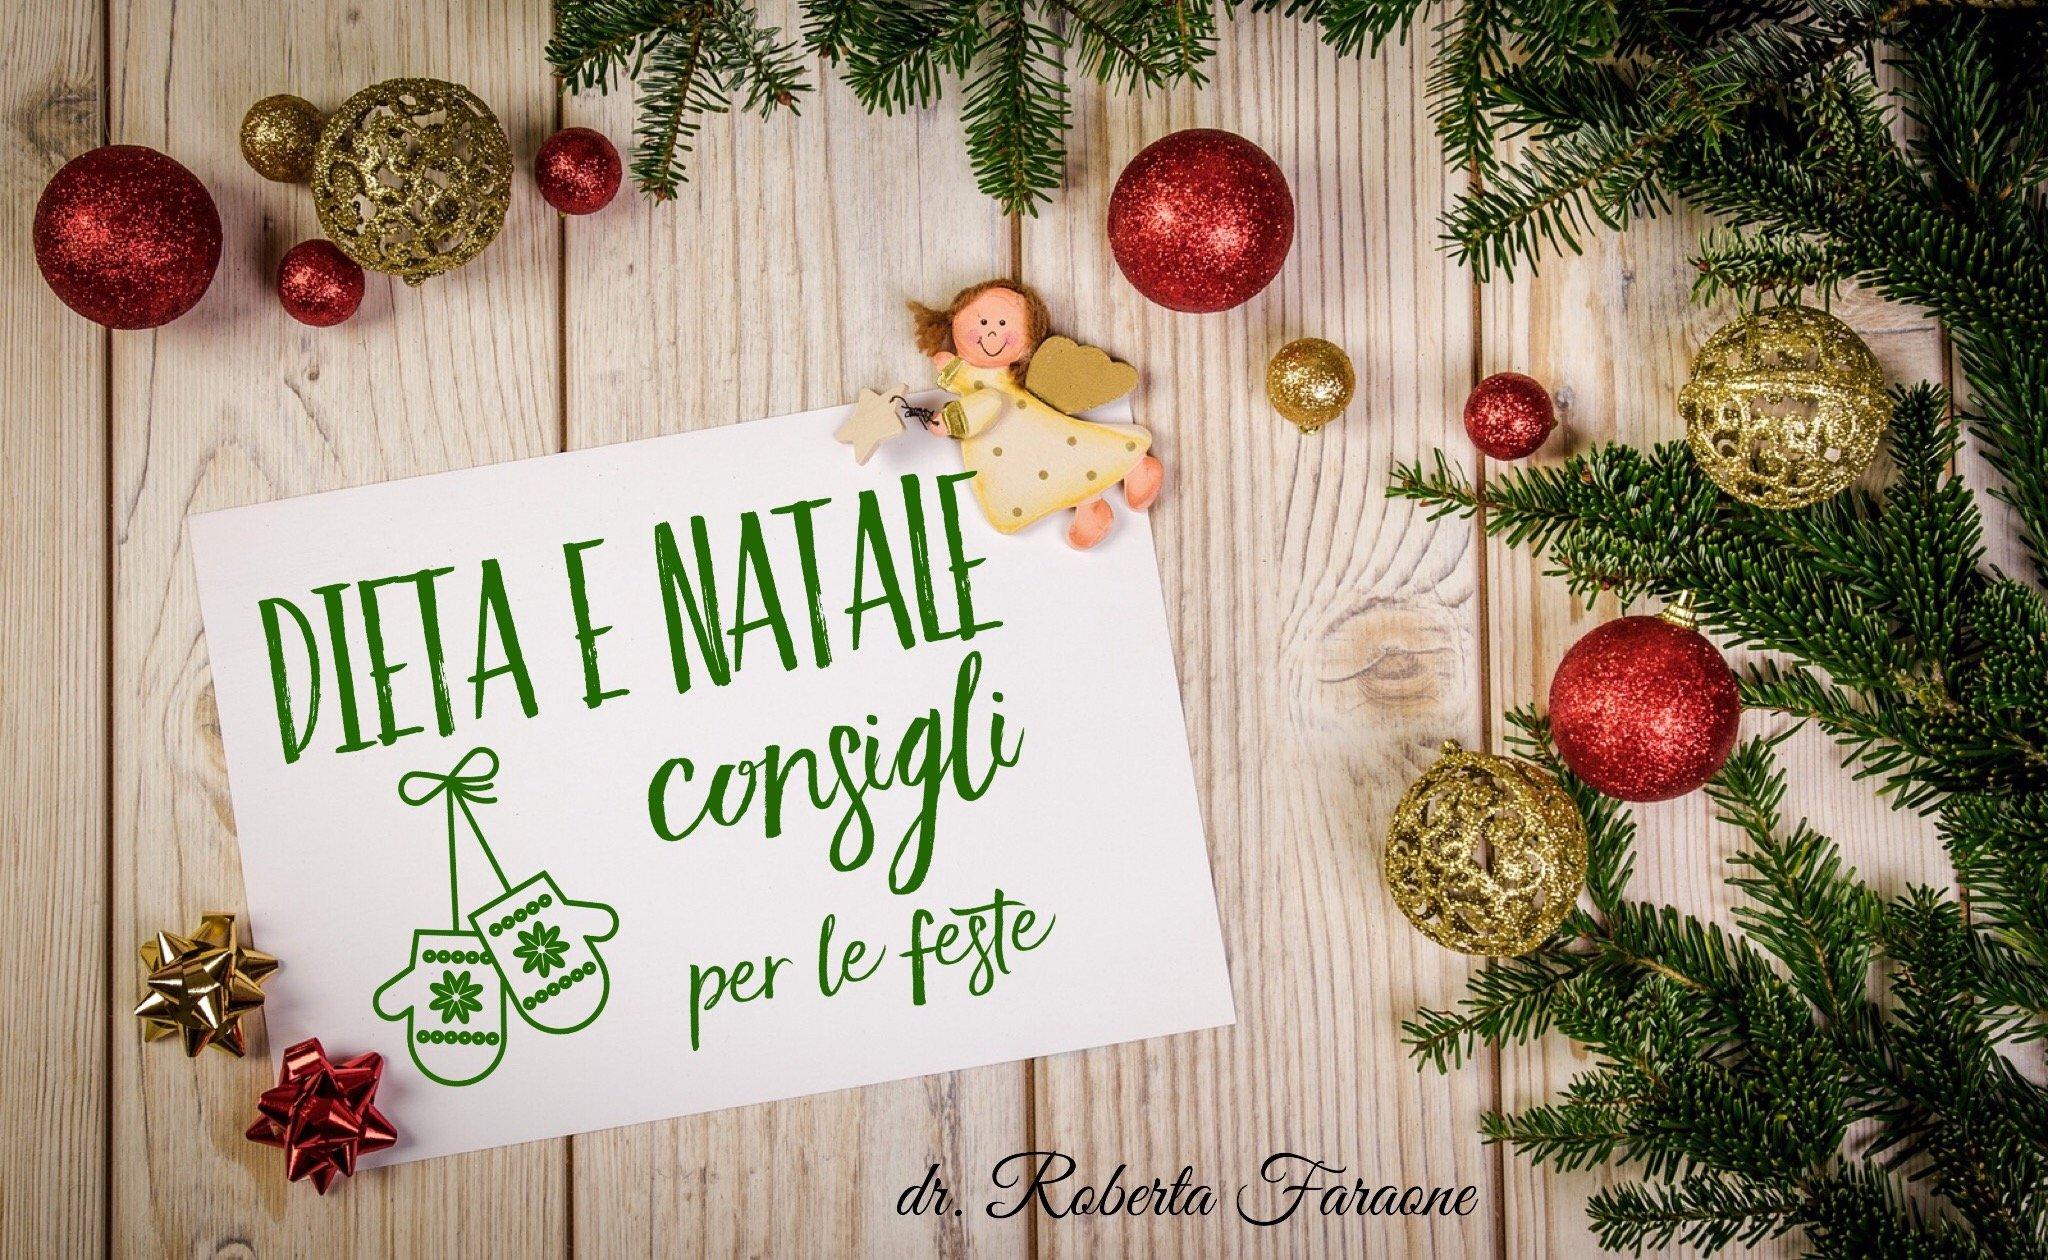 Dieta e Natale: consigli per le feste